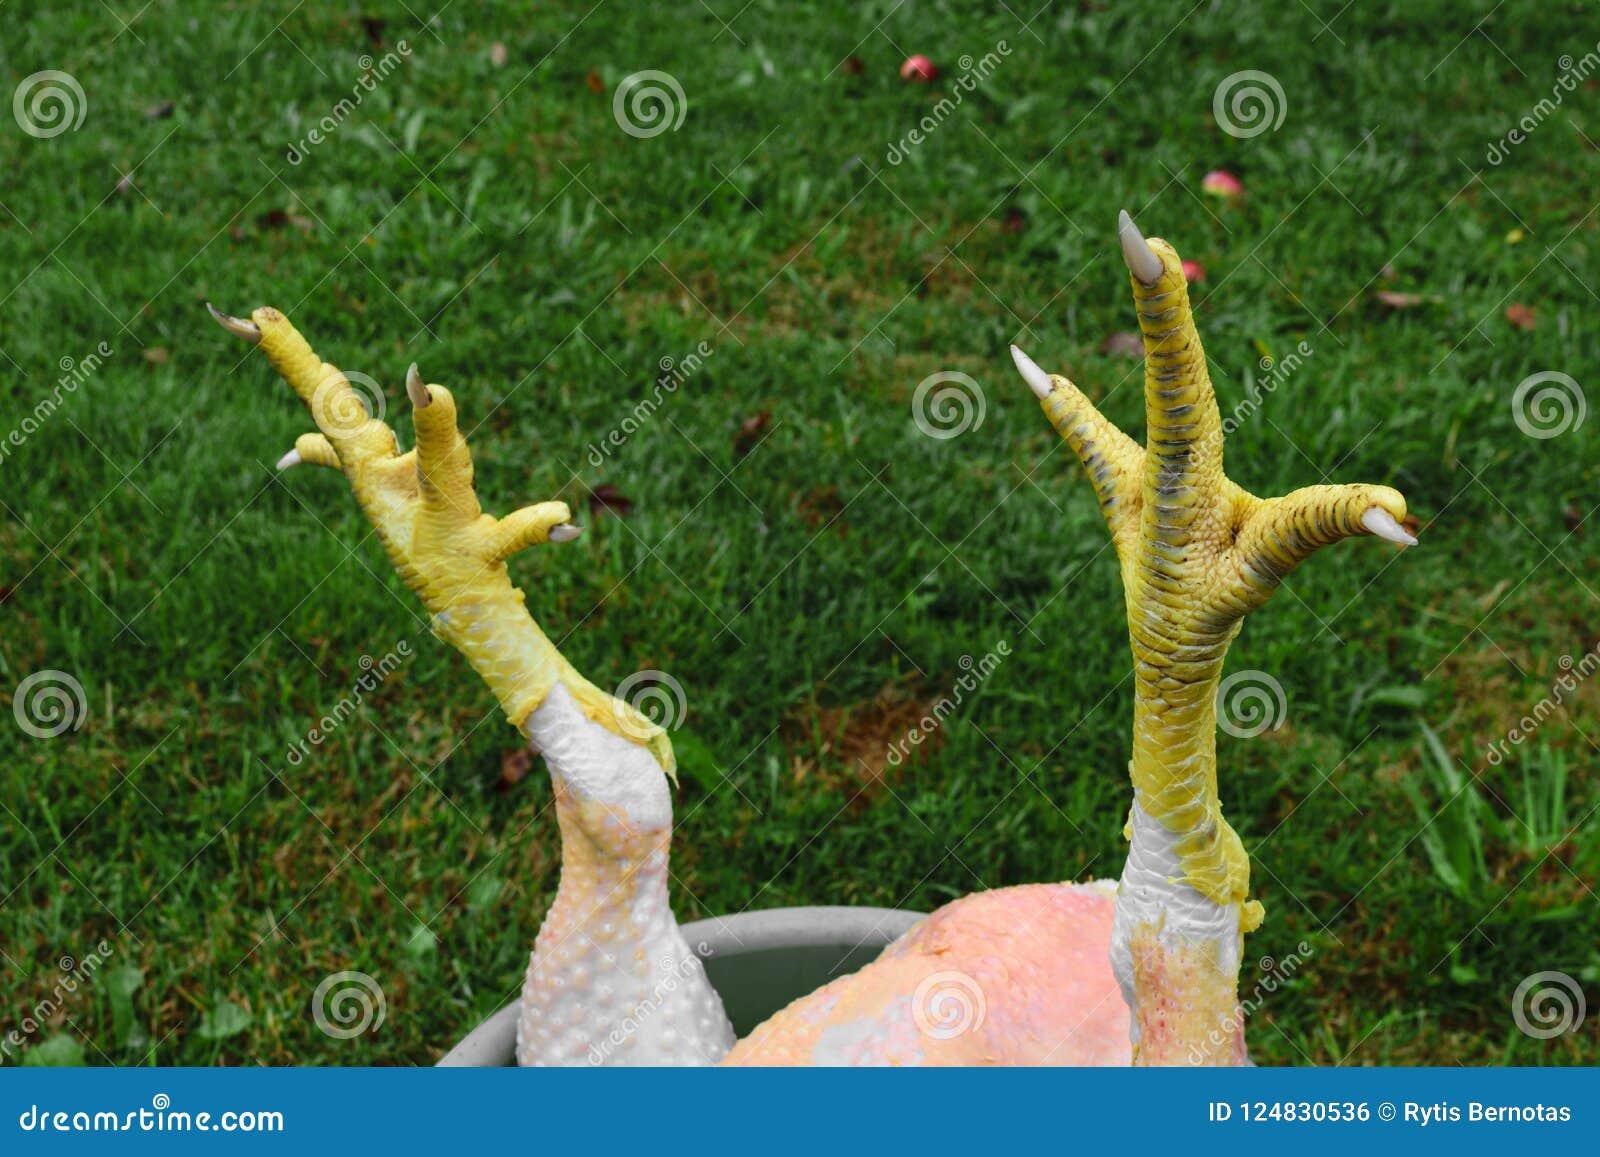 Αφηρημένη σύνθεση των κίτρινων νυχιών κοτόπουλου μπροστά από το πράσινο υπόβαθρο χλόης